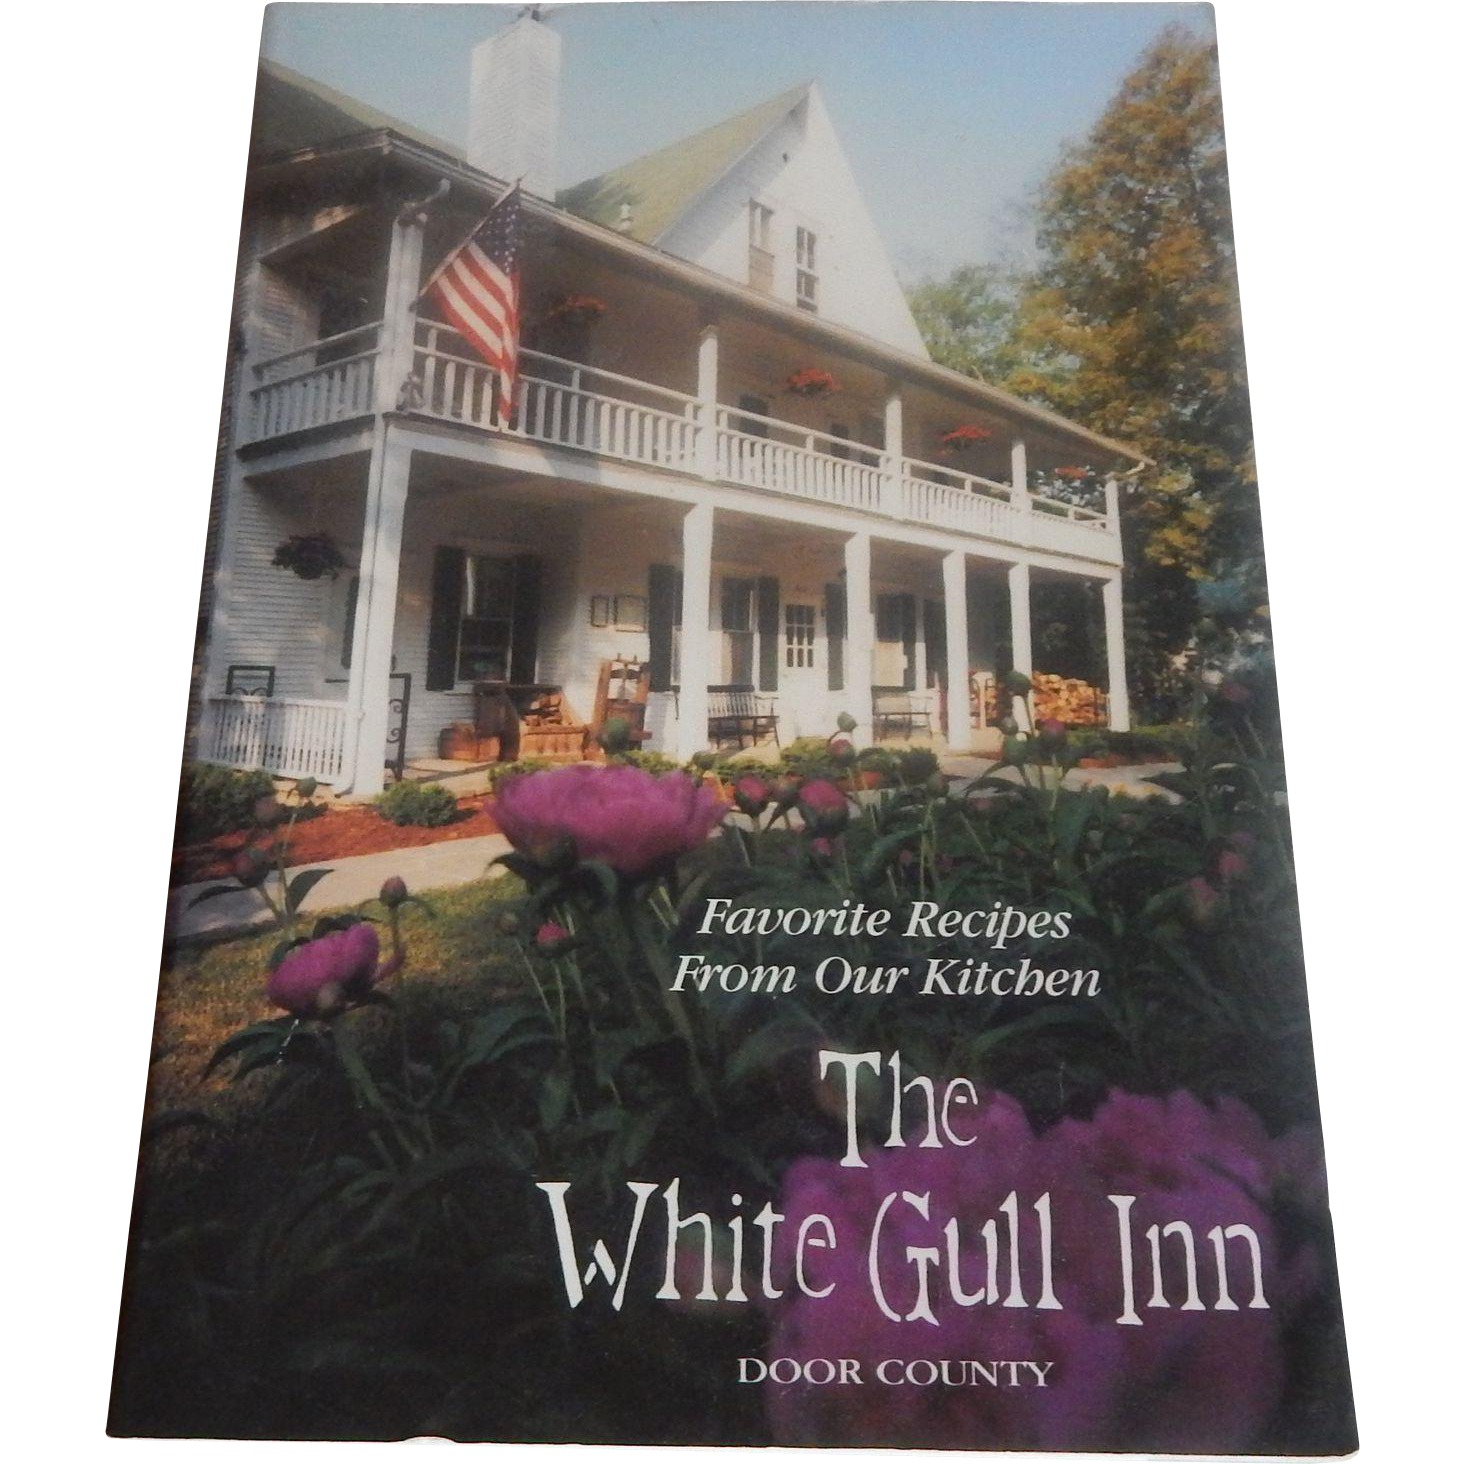 The White Gull Inn Cookbook